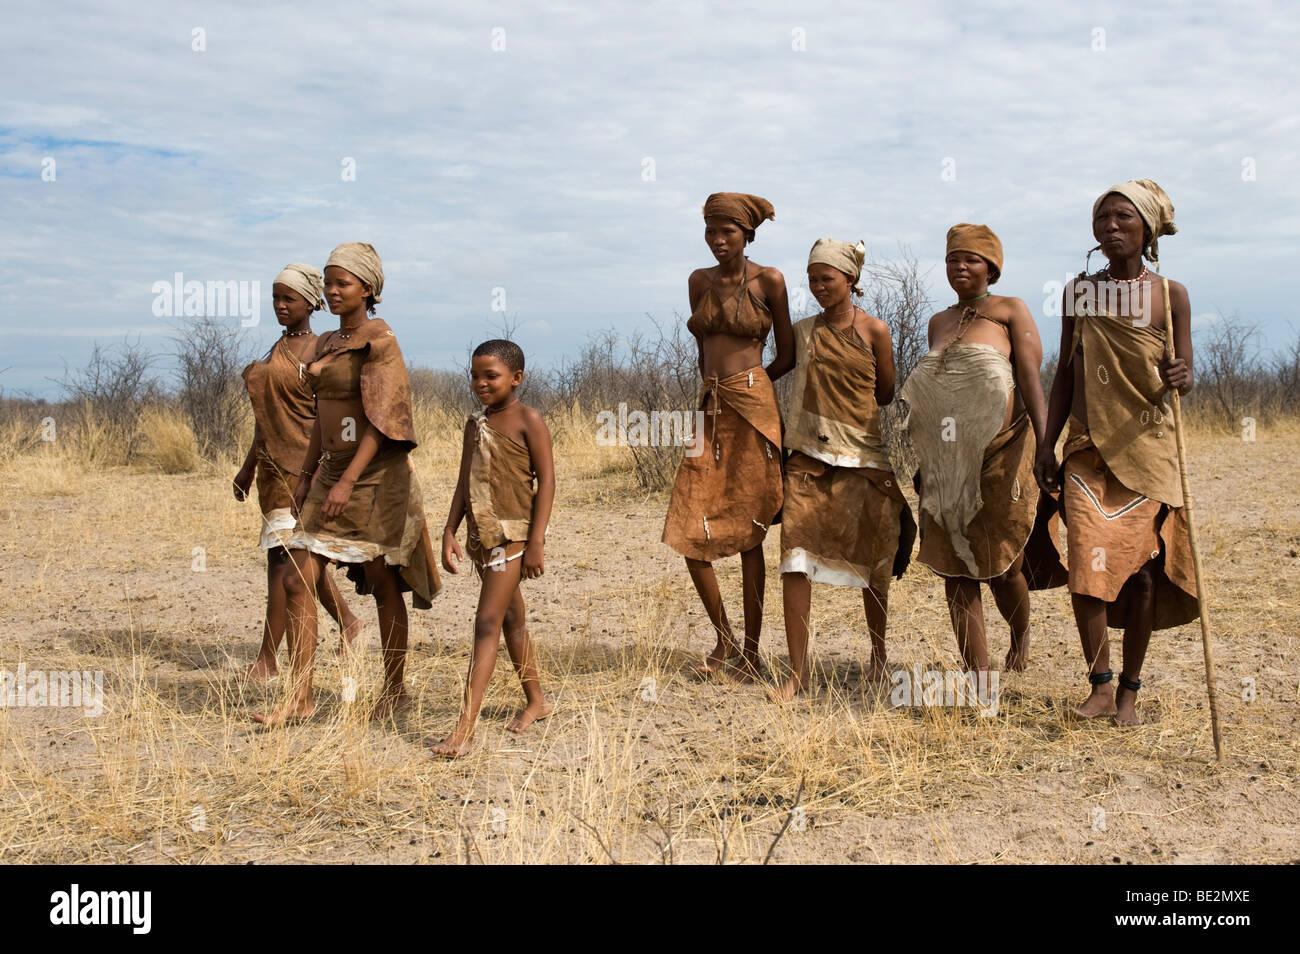 Naro bushman (San) women walking, Central Kalahari, Botswana - Stock Image